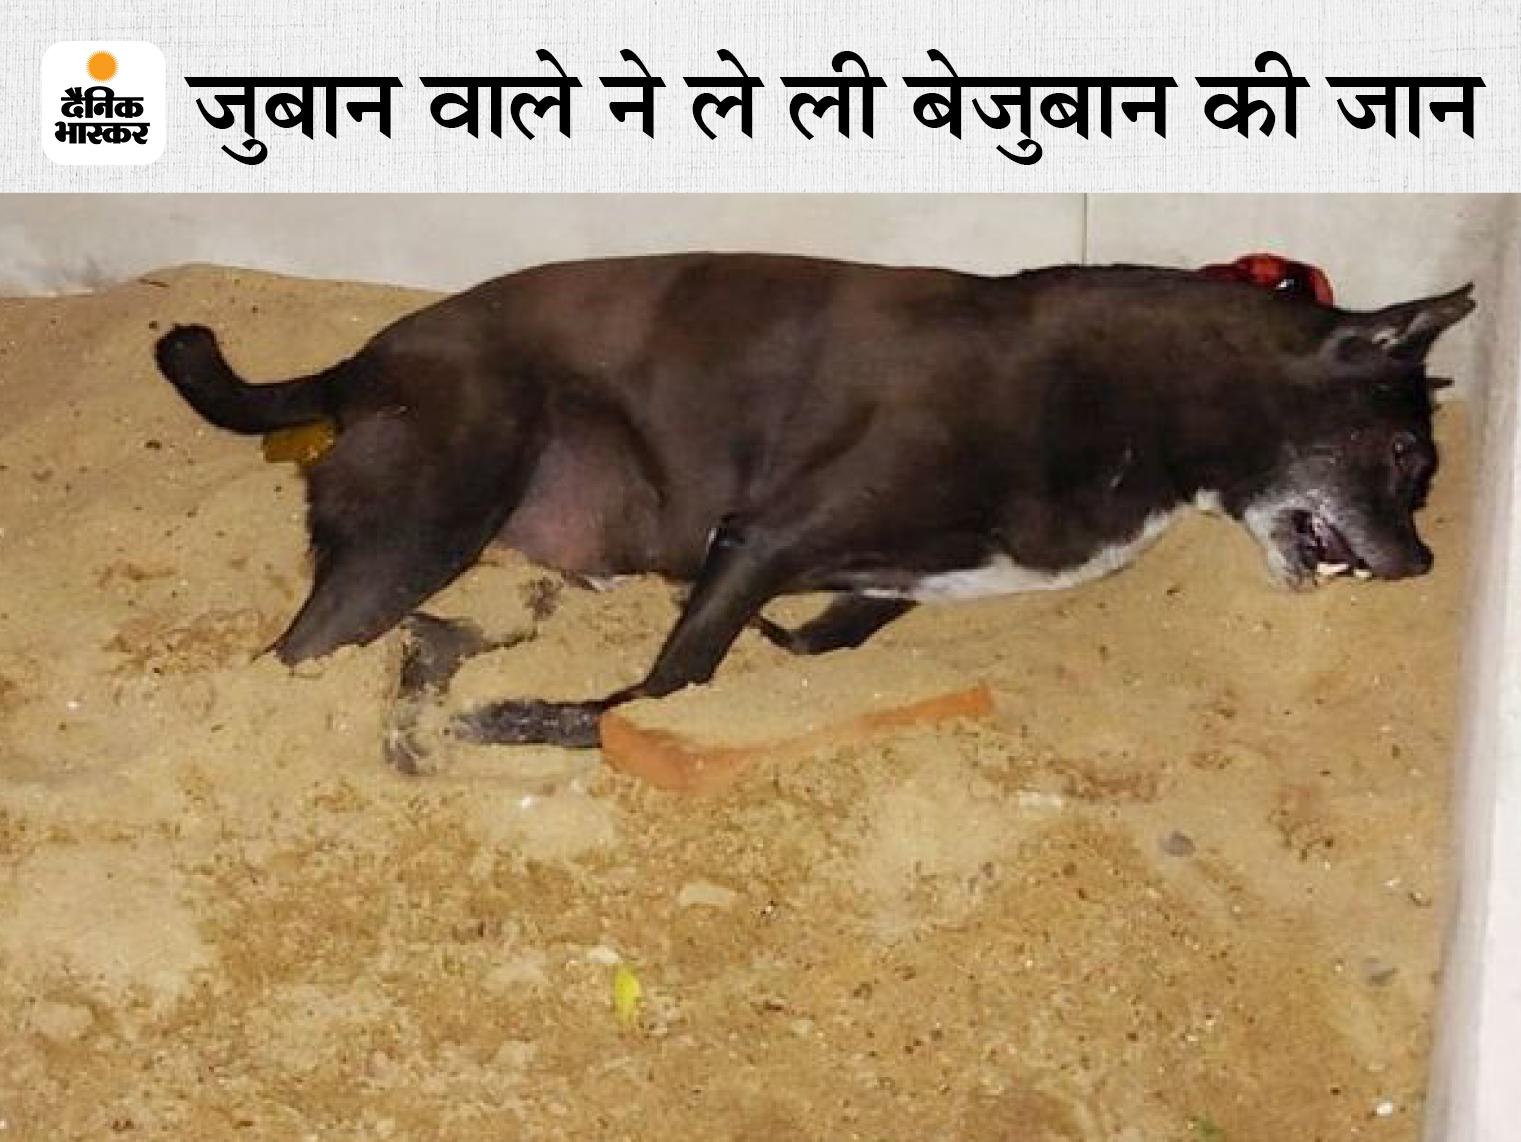 आरटीओ के बाबू ने सोते हुए कुत्ते को लाइसेंसी बंदूक से मारी गोली, पड़ोसी डॉक्टर ने थाने में की शिकायत|इंदौर,Indore - Dainik Bhaskar